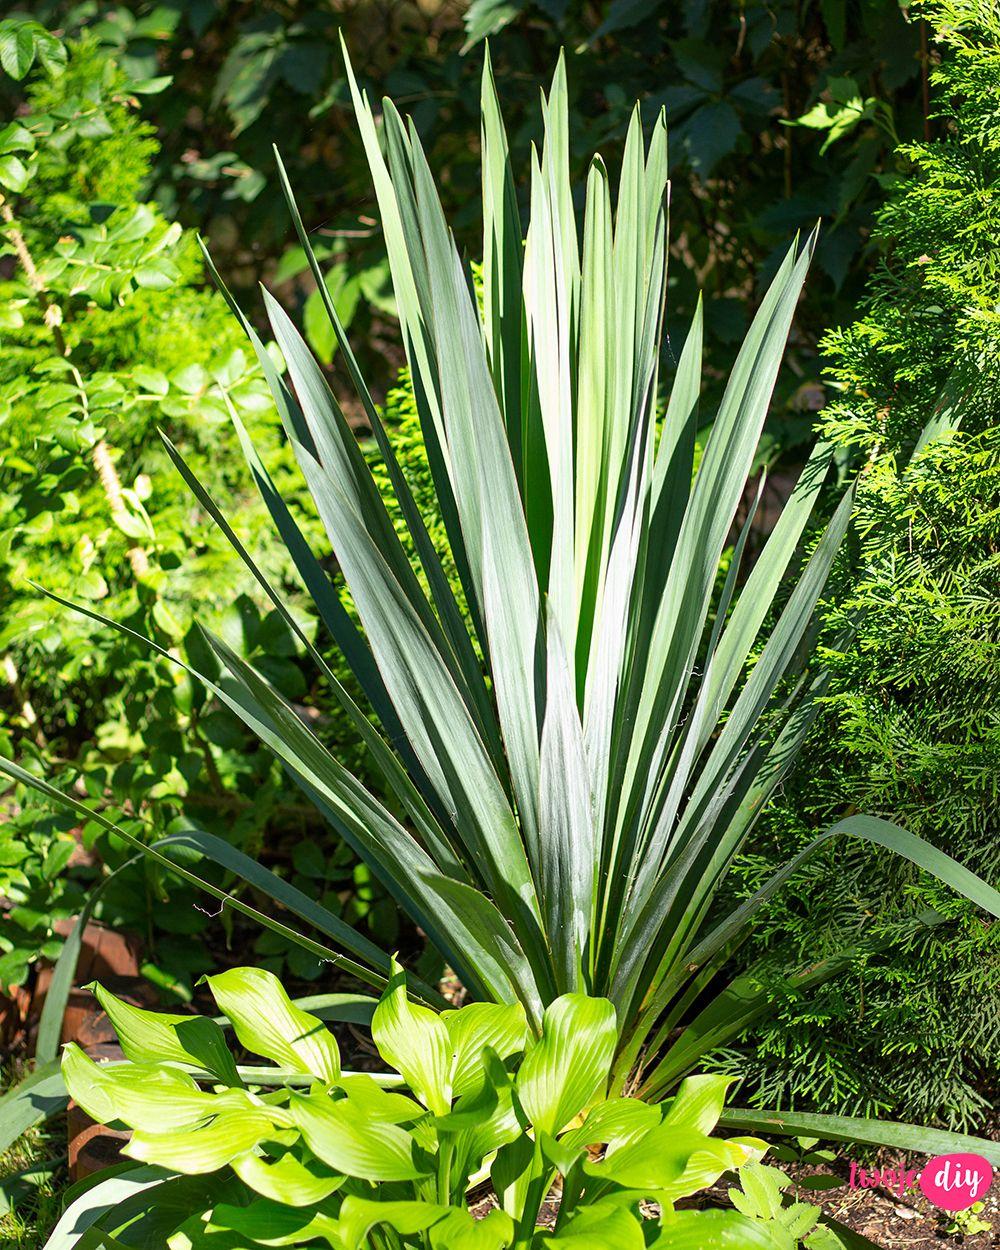 19 Roslin Ktore Beda Rosly W Zacienionych Miejscach Twoje Diy Plants Outdoor Gardens Fairy Garden